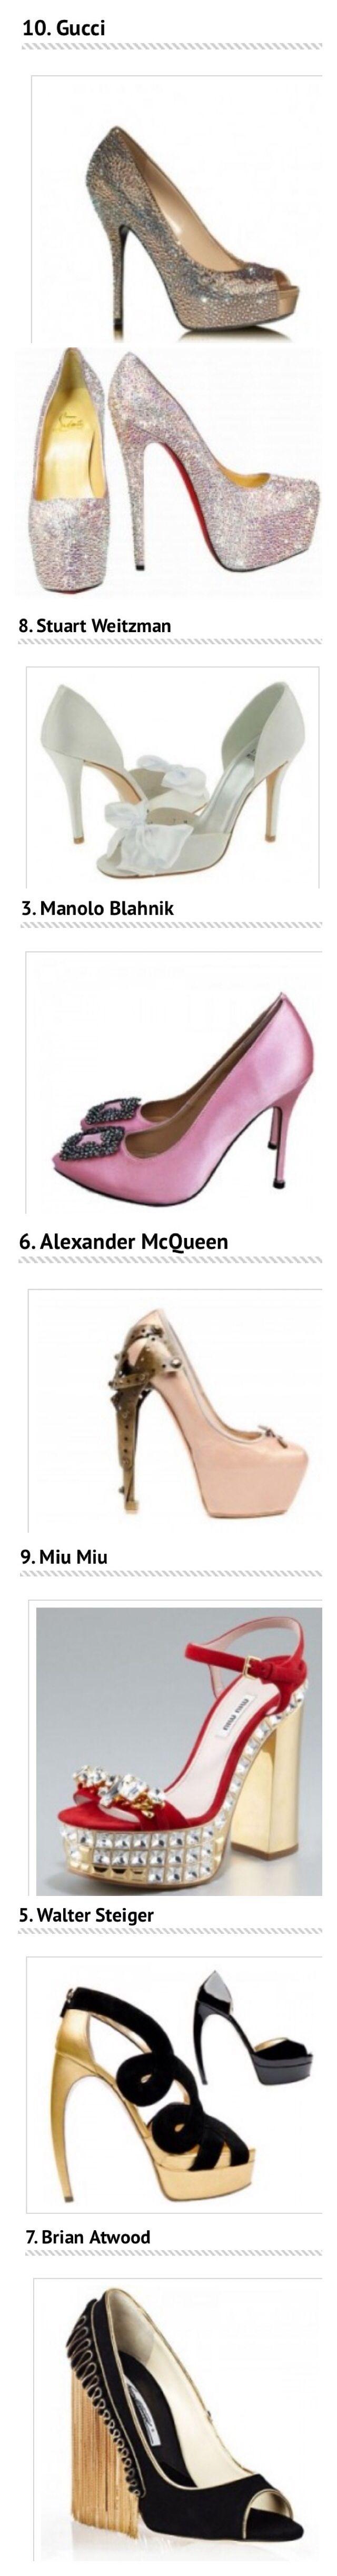 shoe boots, Luxury designer shoes